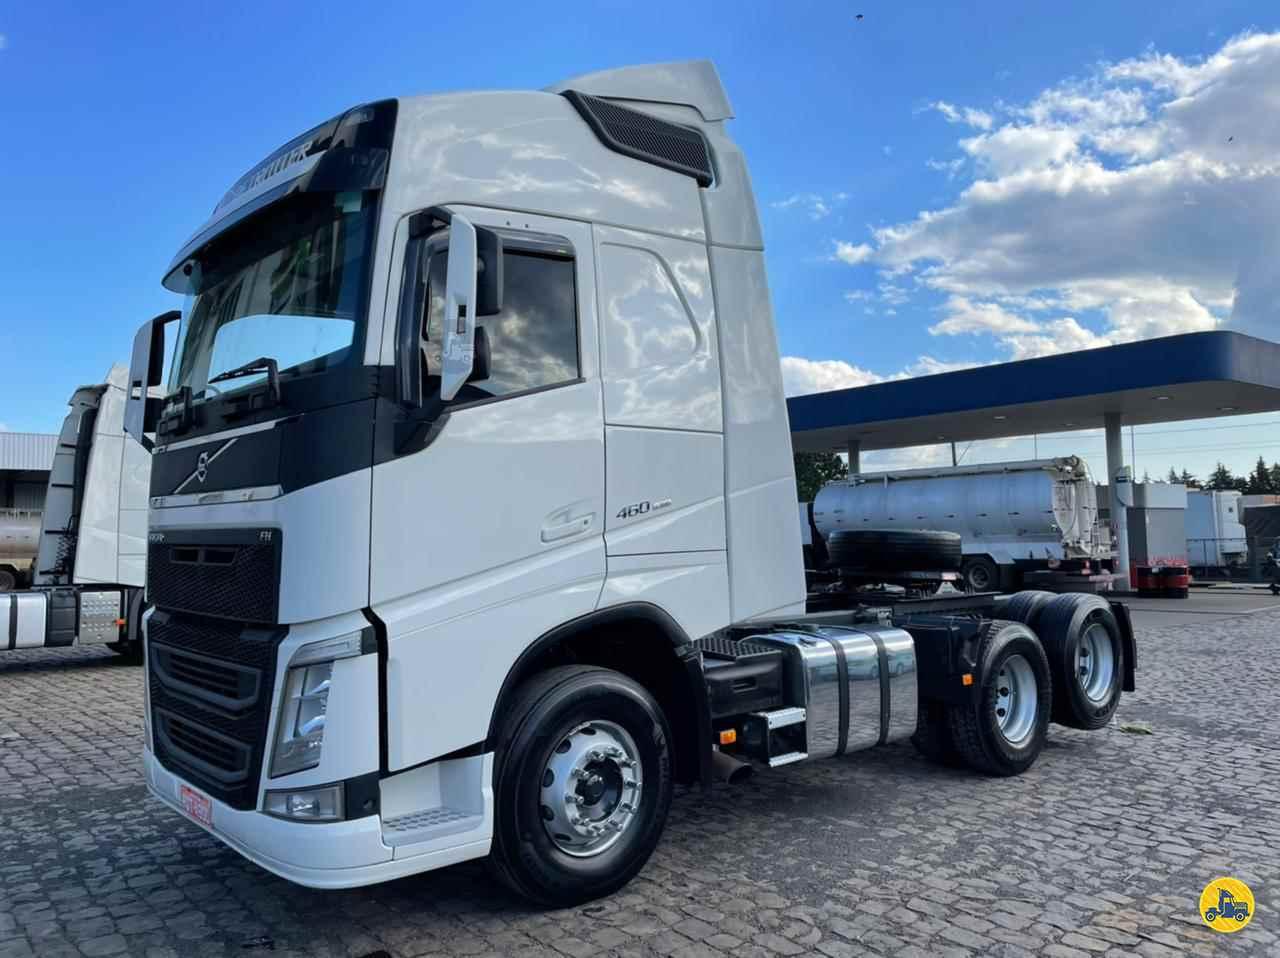 CAMINHAO VOLVO VOLVO FH 460 Cavalo Mecânico Truck 6x2 Transmap Caminhões SANTA ROSA RIO GRANDE DO SUL RS